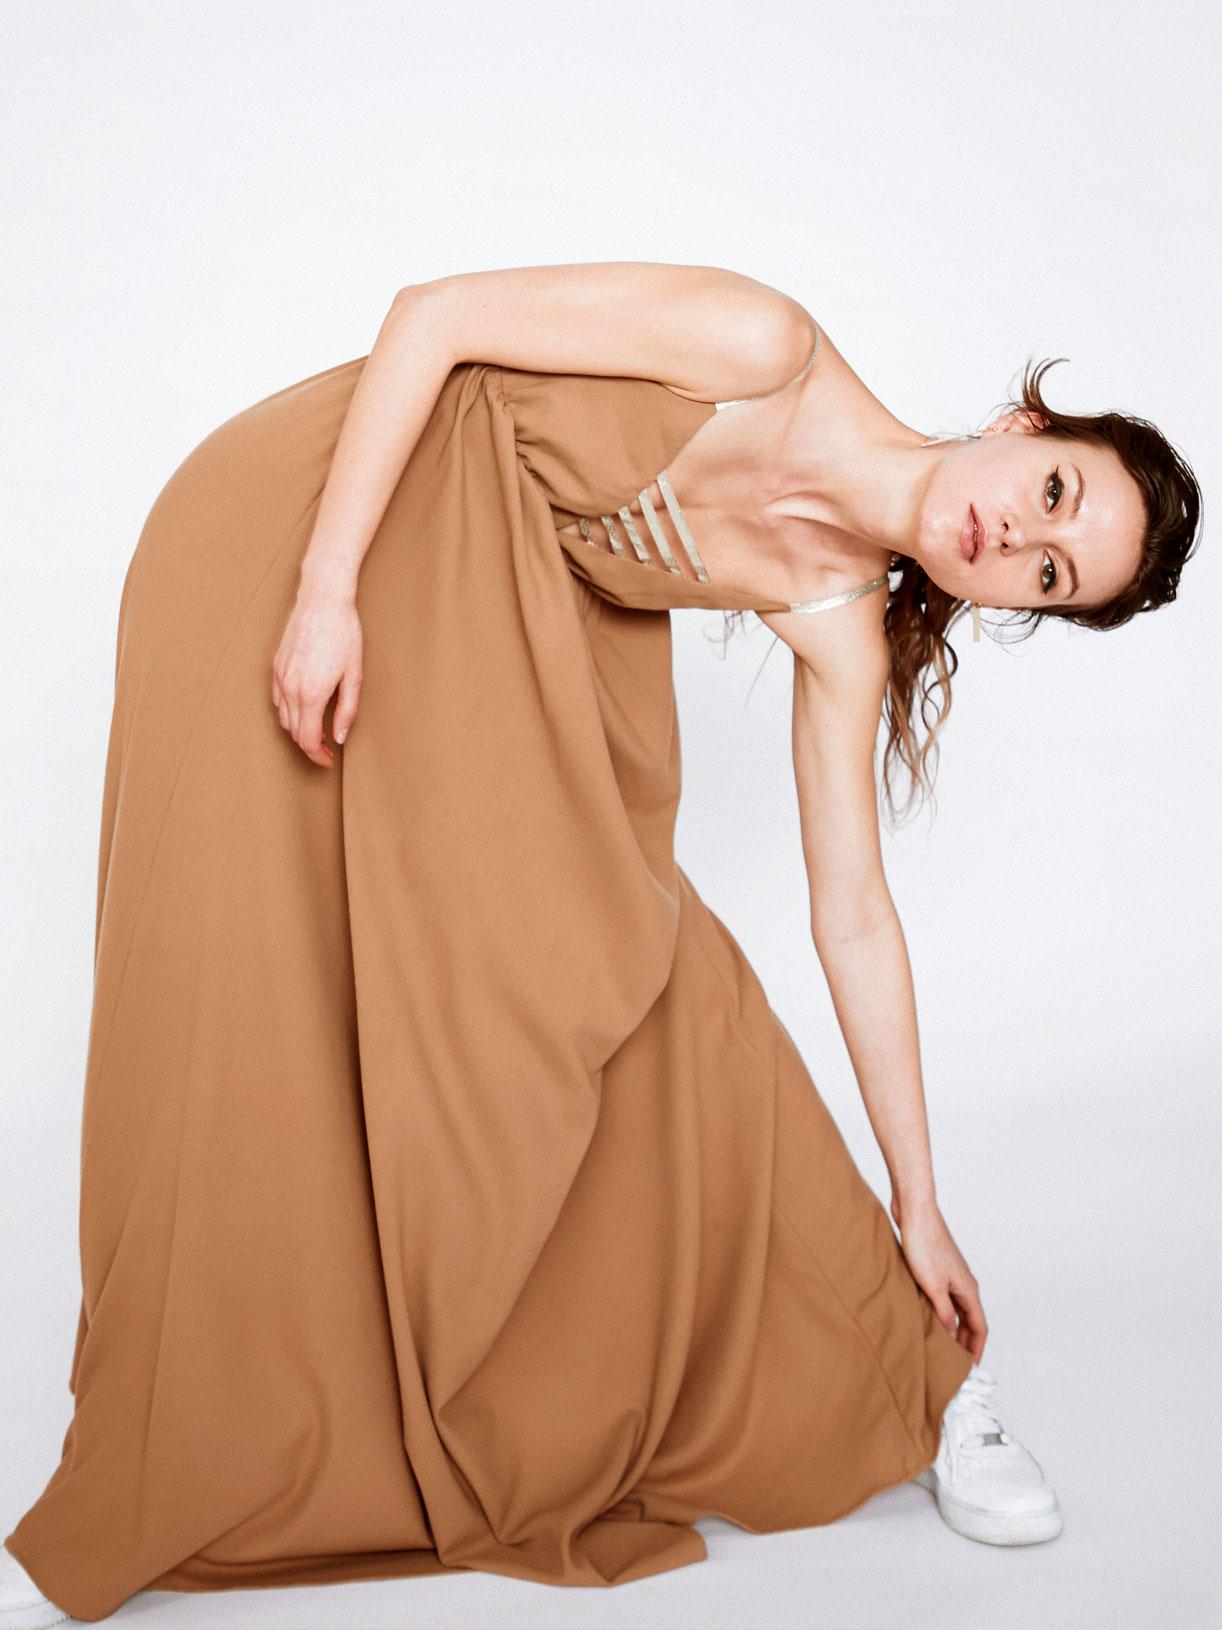 Robe invitee mariage longue moutarde jaune écoresponsable - Creatrice de mode éthique et bio a Paris - Myphilosophy